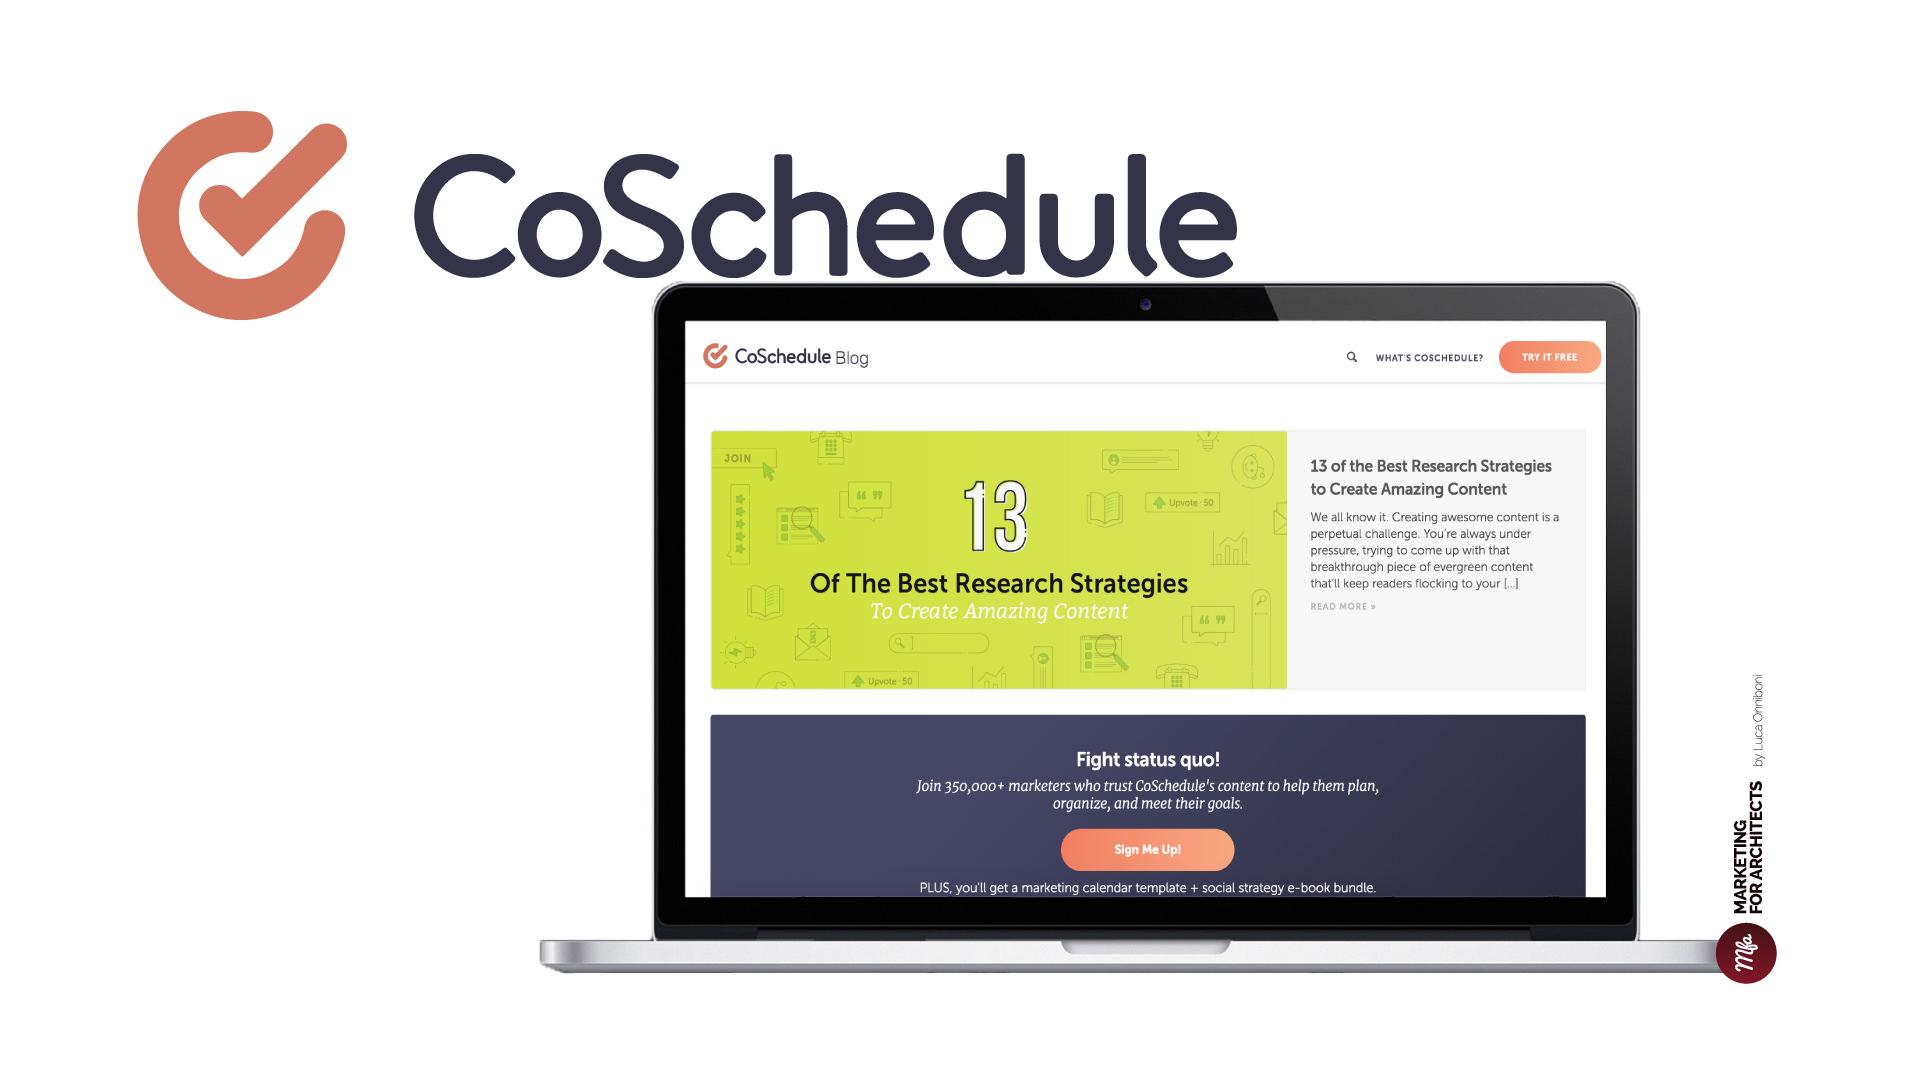 coschedule blog